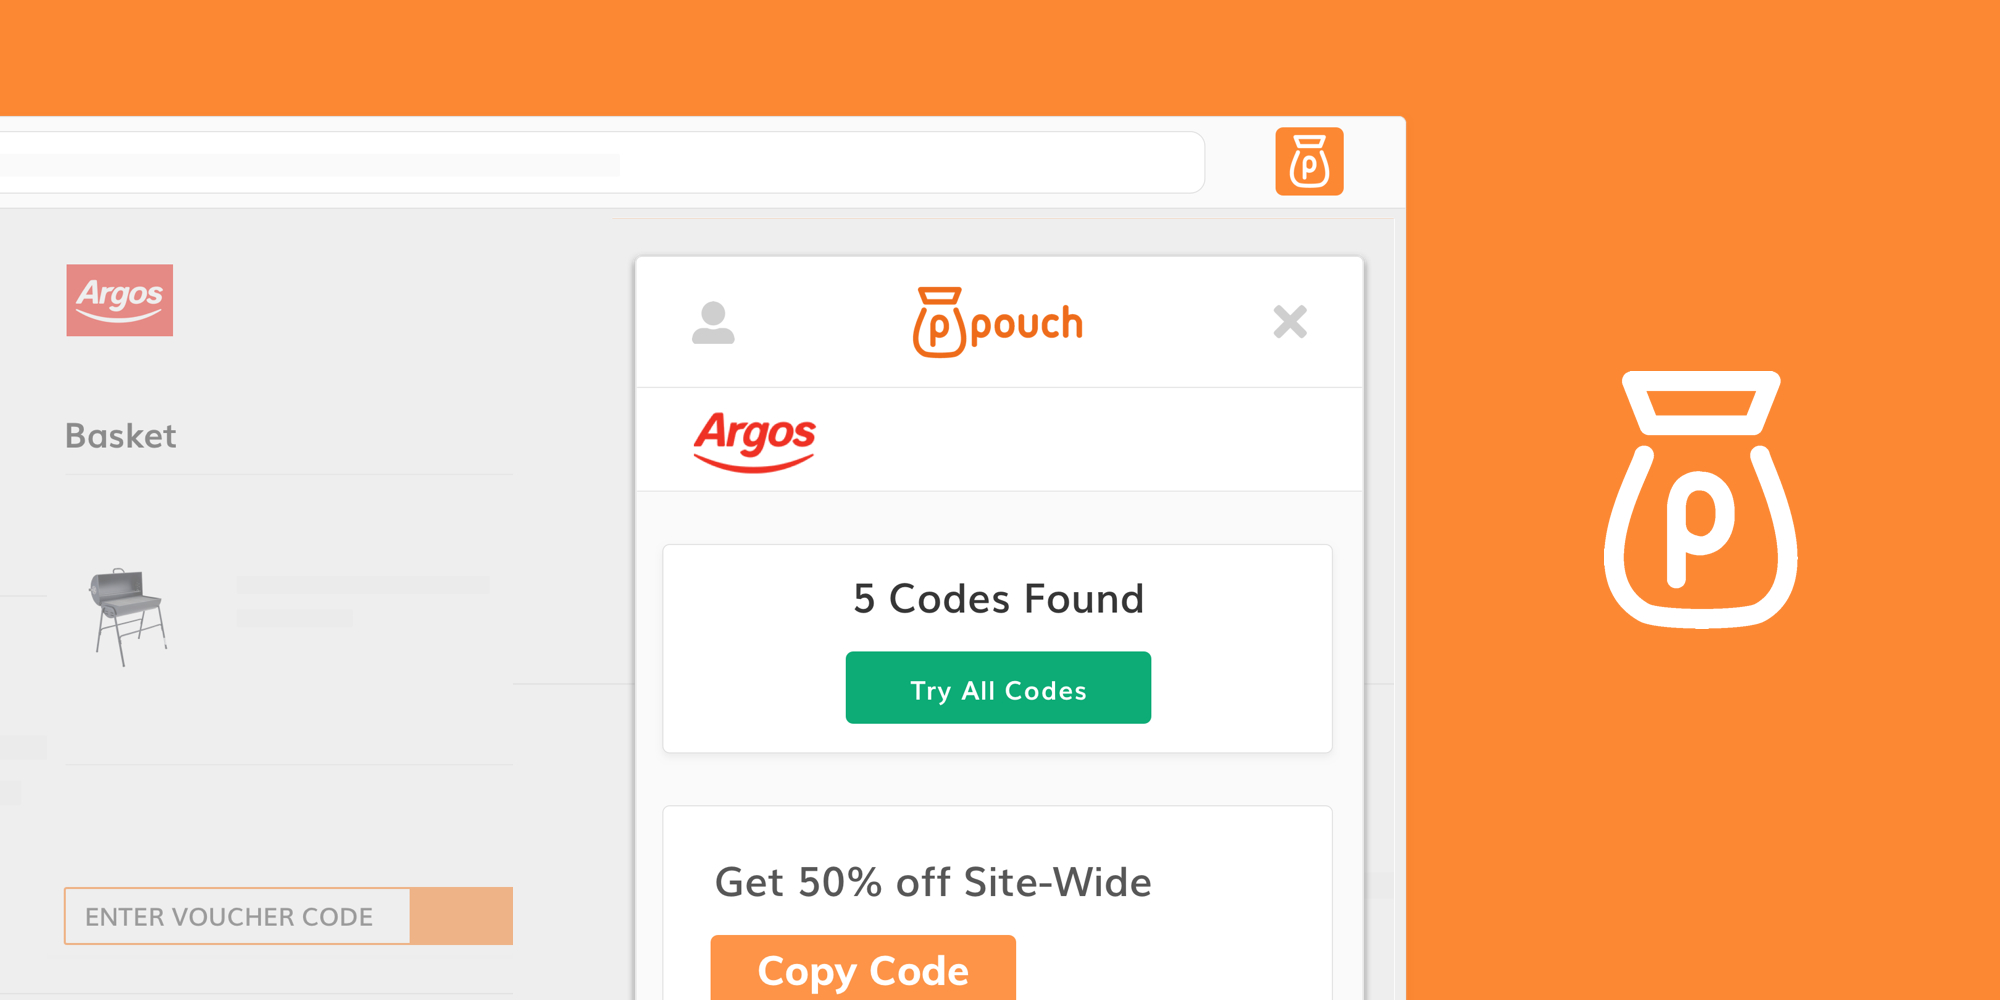 Pouch Retailer List June 2019 | Pouch - Puzzle Print Voucher Code